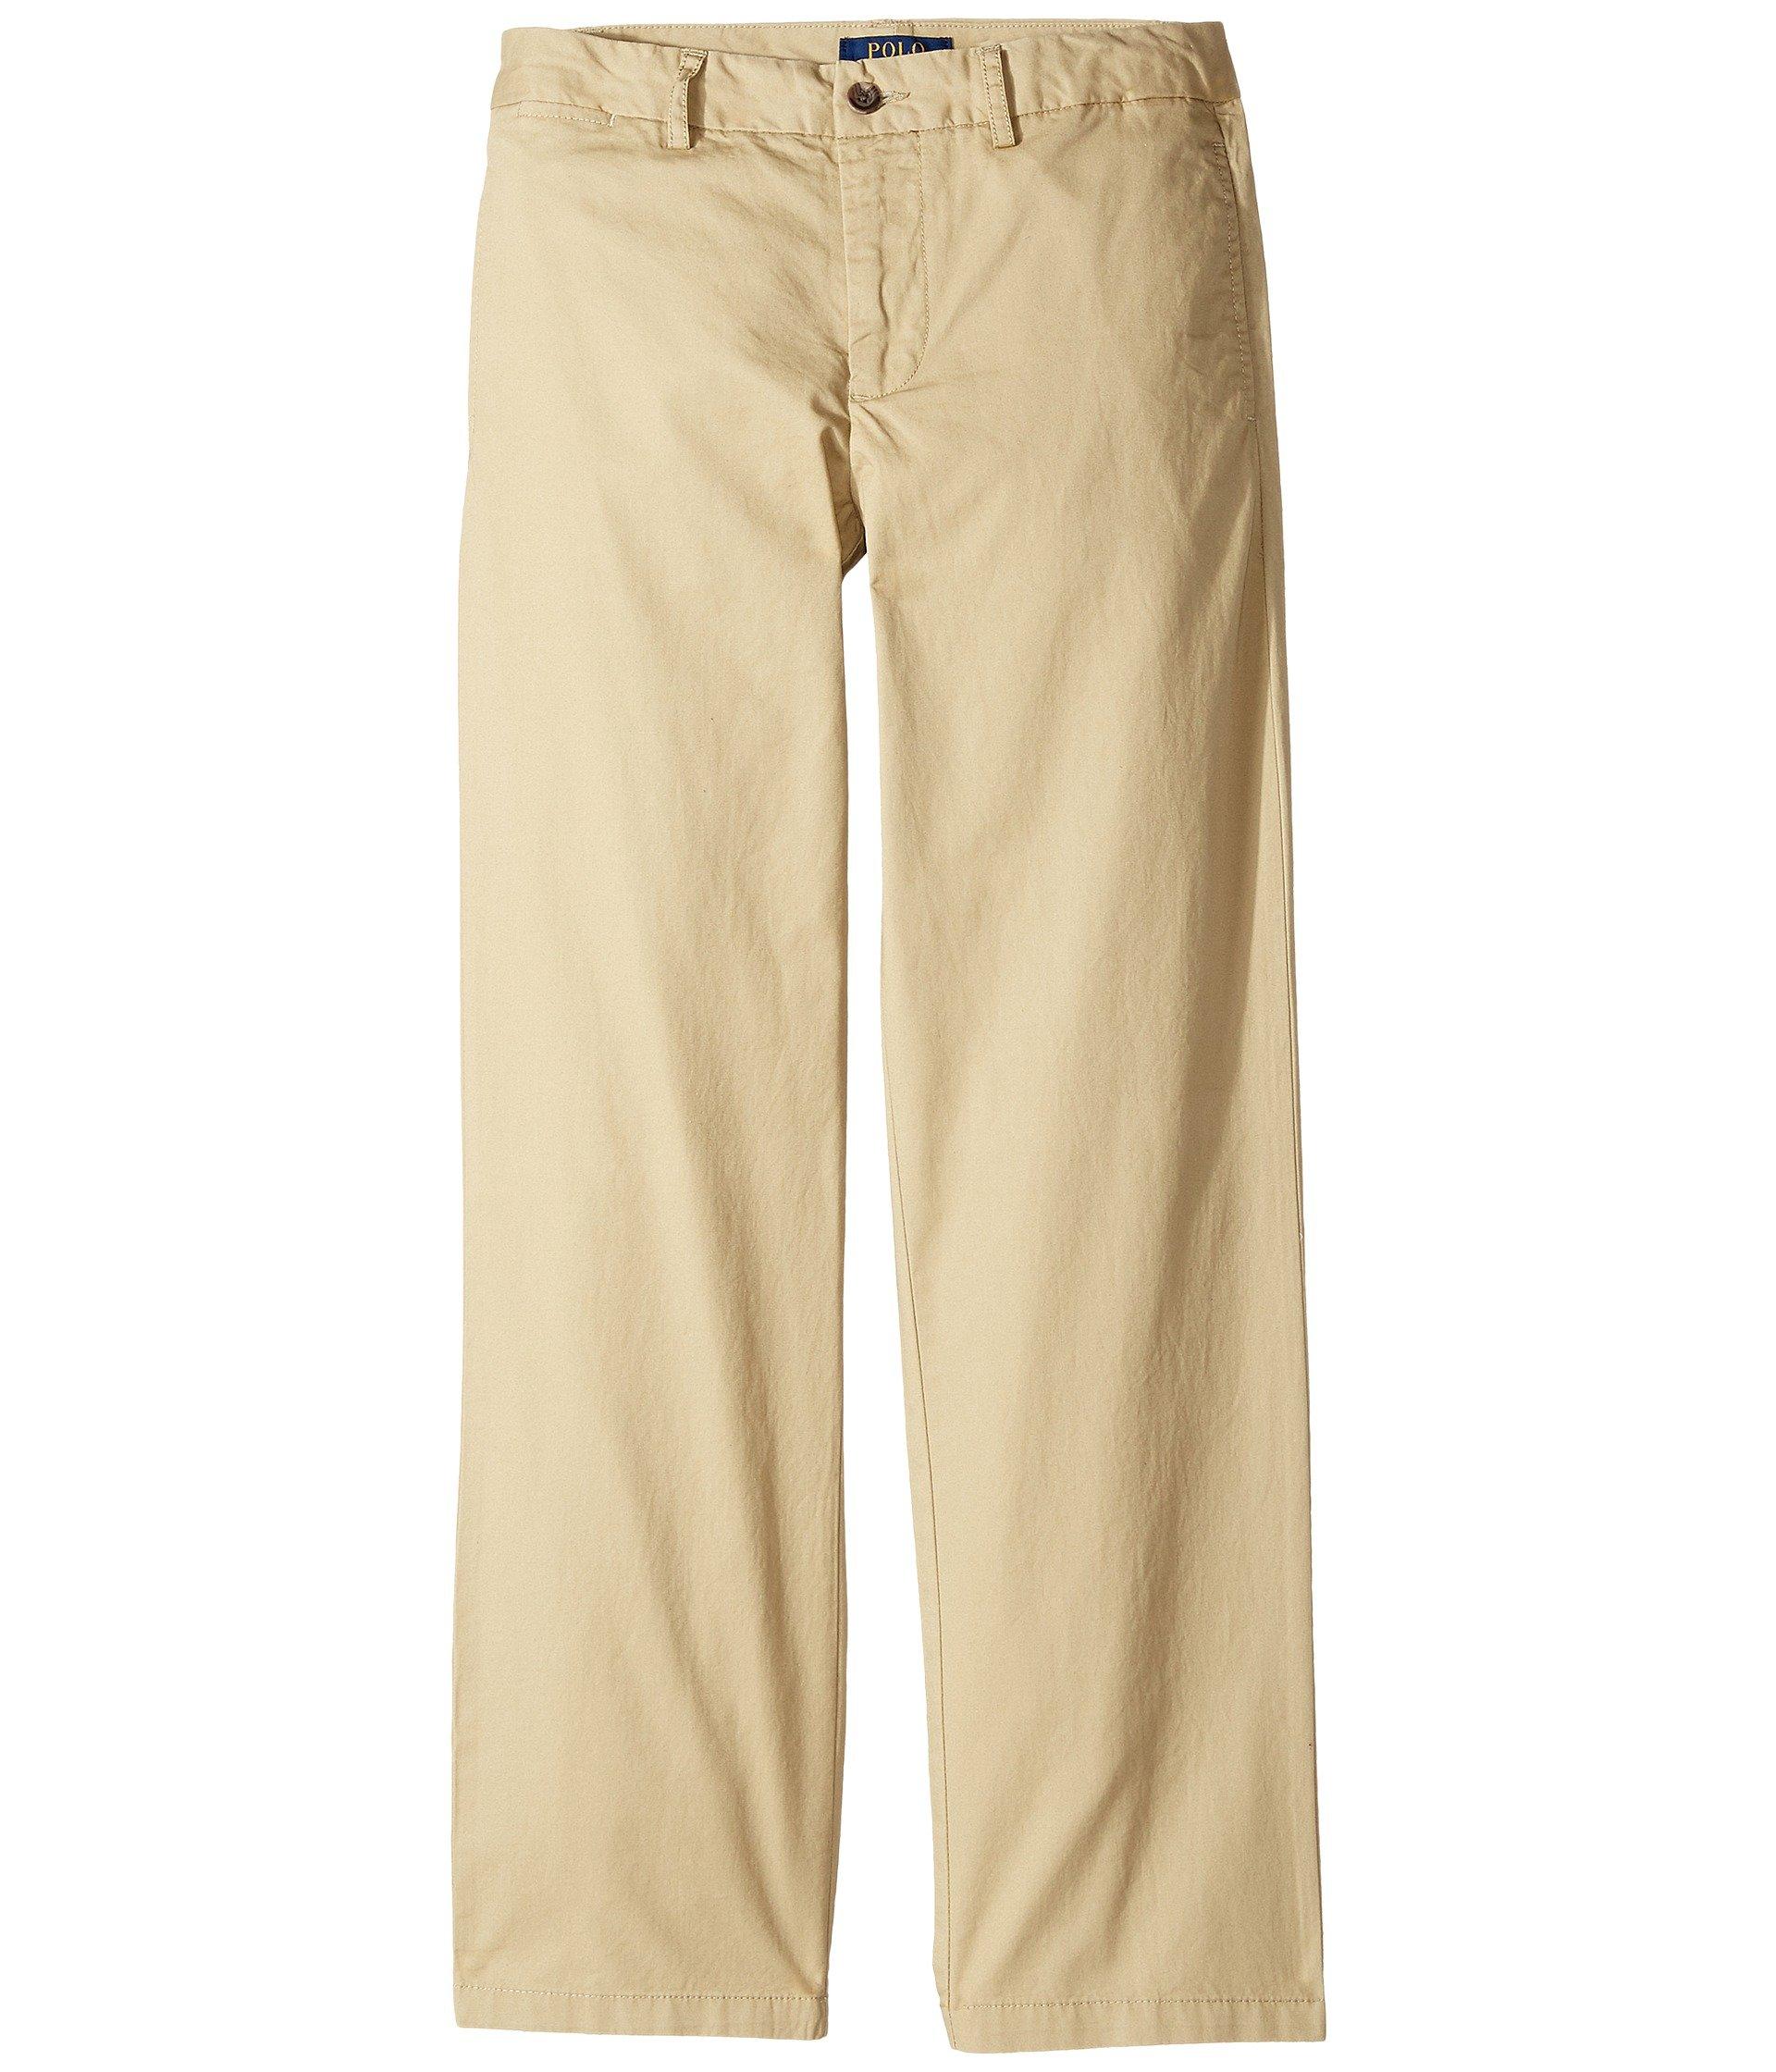 Polo Ralph Lauren Boys Chino Pants (20, Khaki) by Polo Ralph Lauren